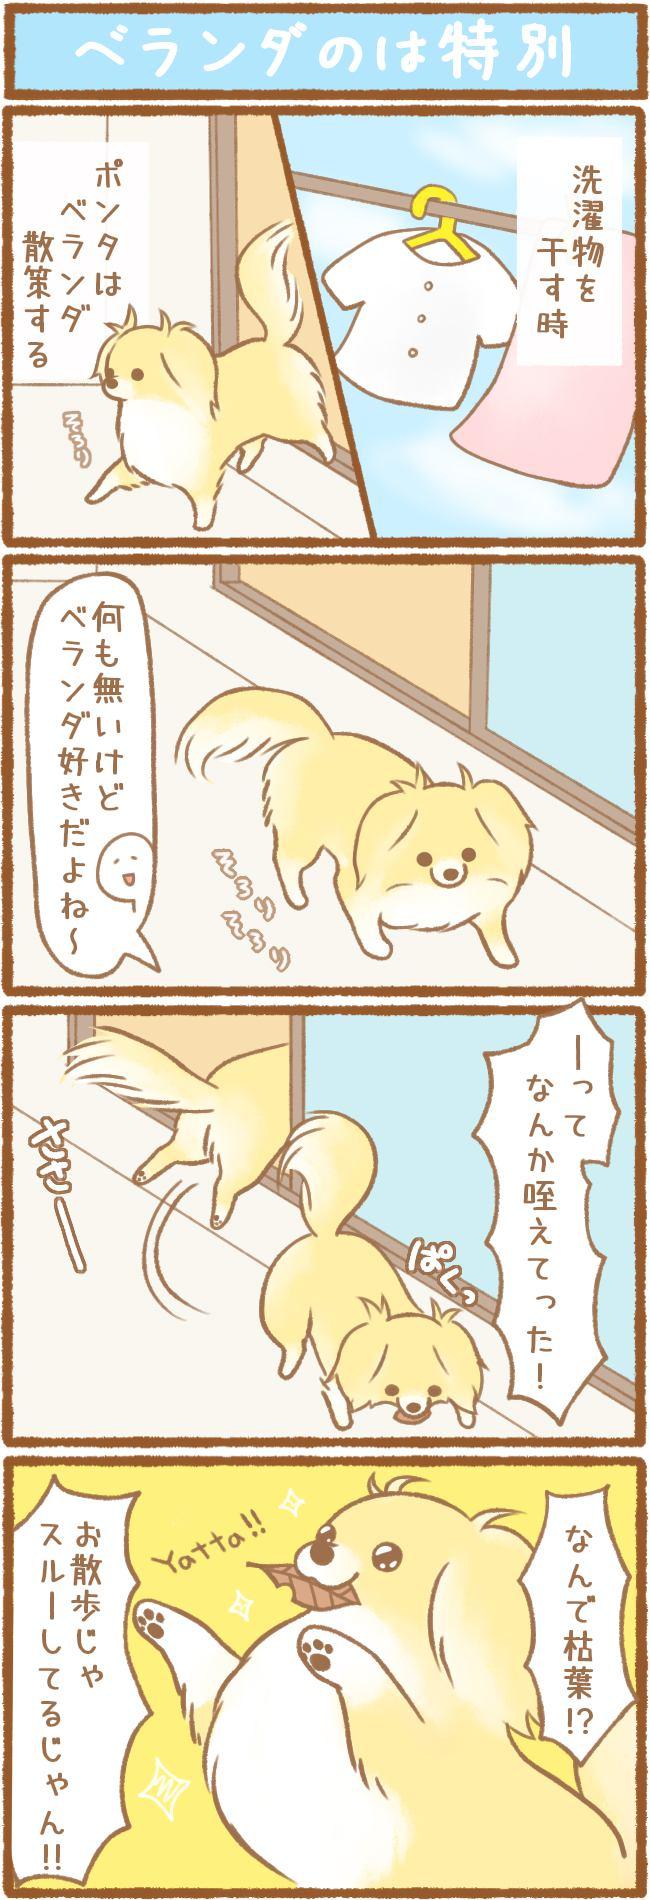 ただの犬好きです。第61話 ベランダのは特別